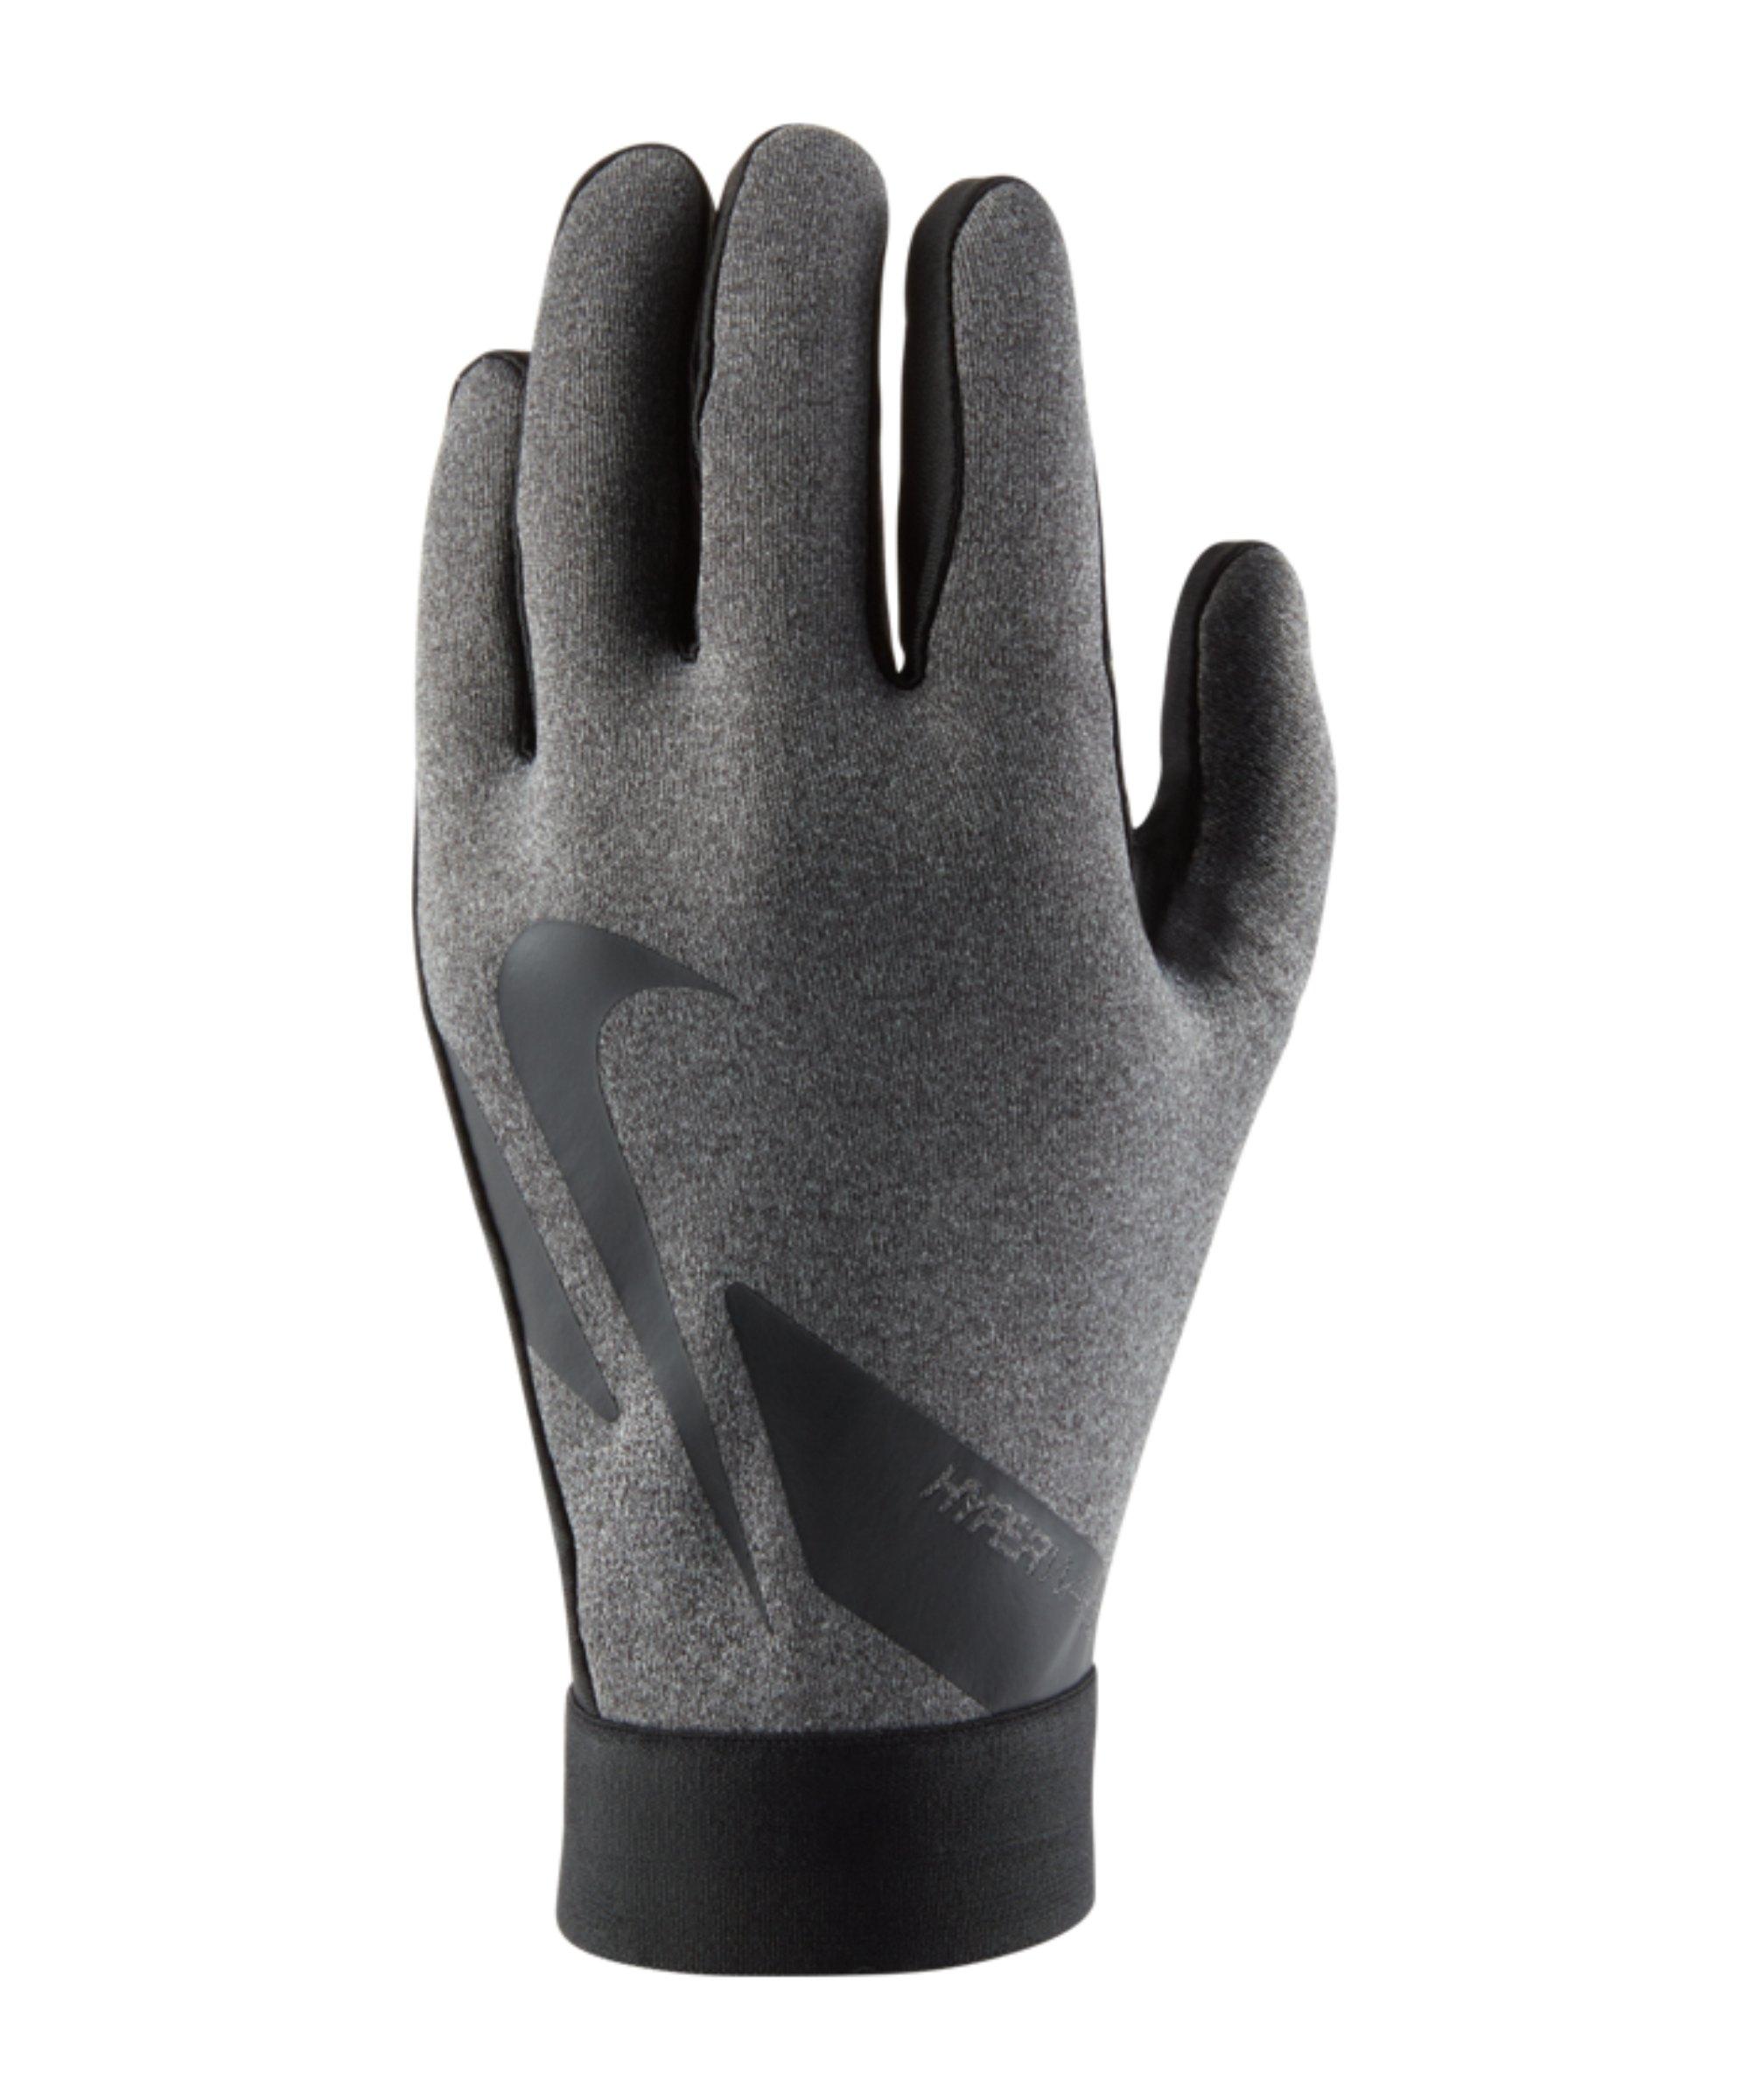 Nike Academy Hyperwarm Feldspielerhandschuhe F050 - grau